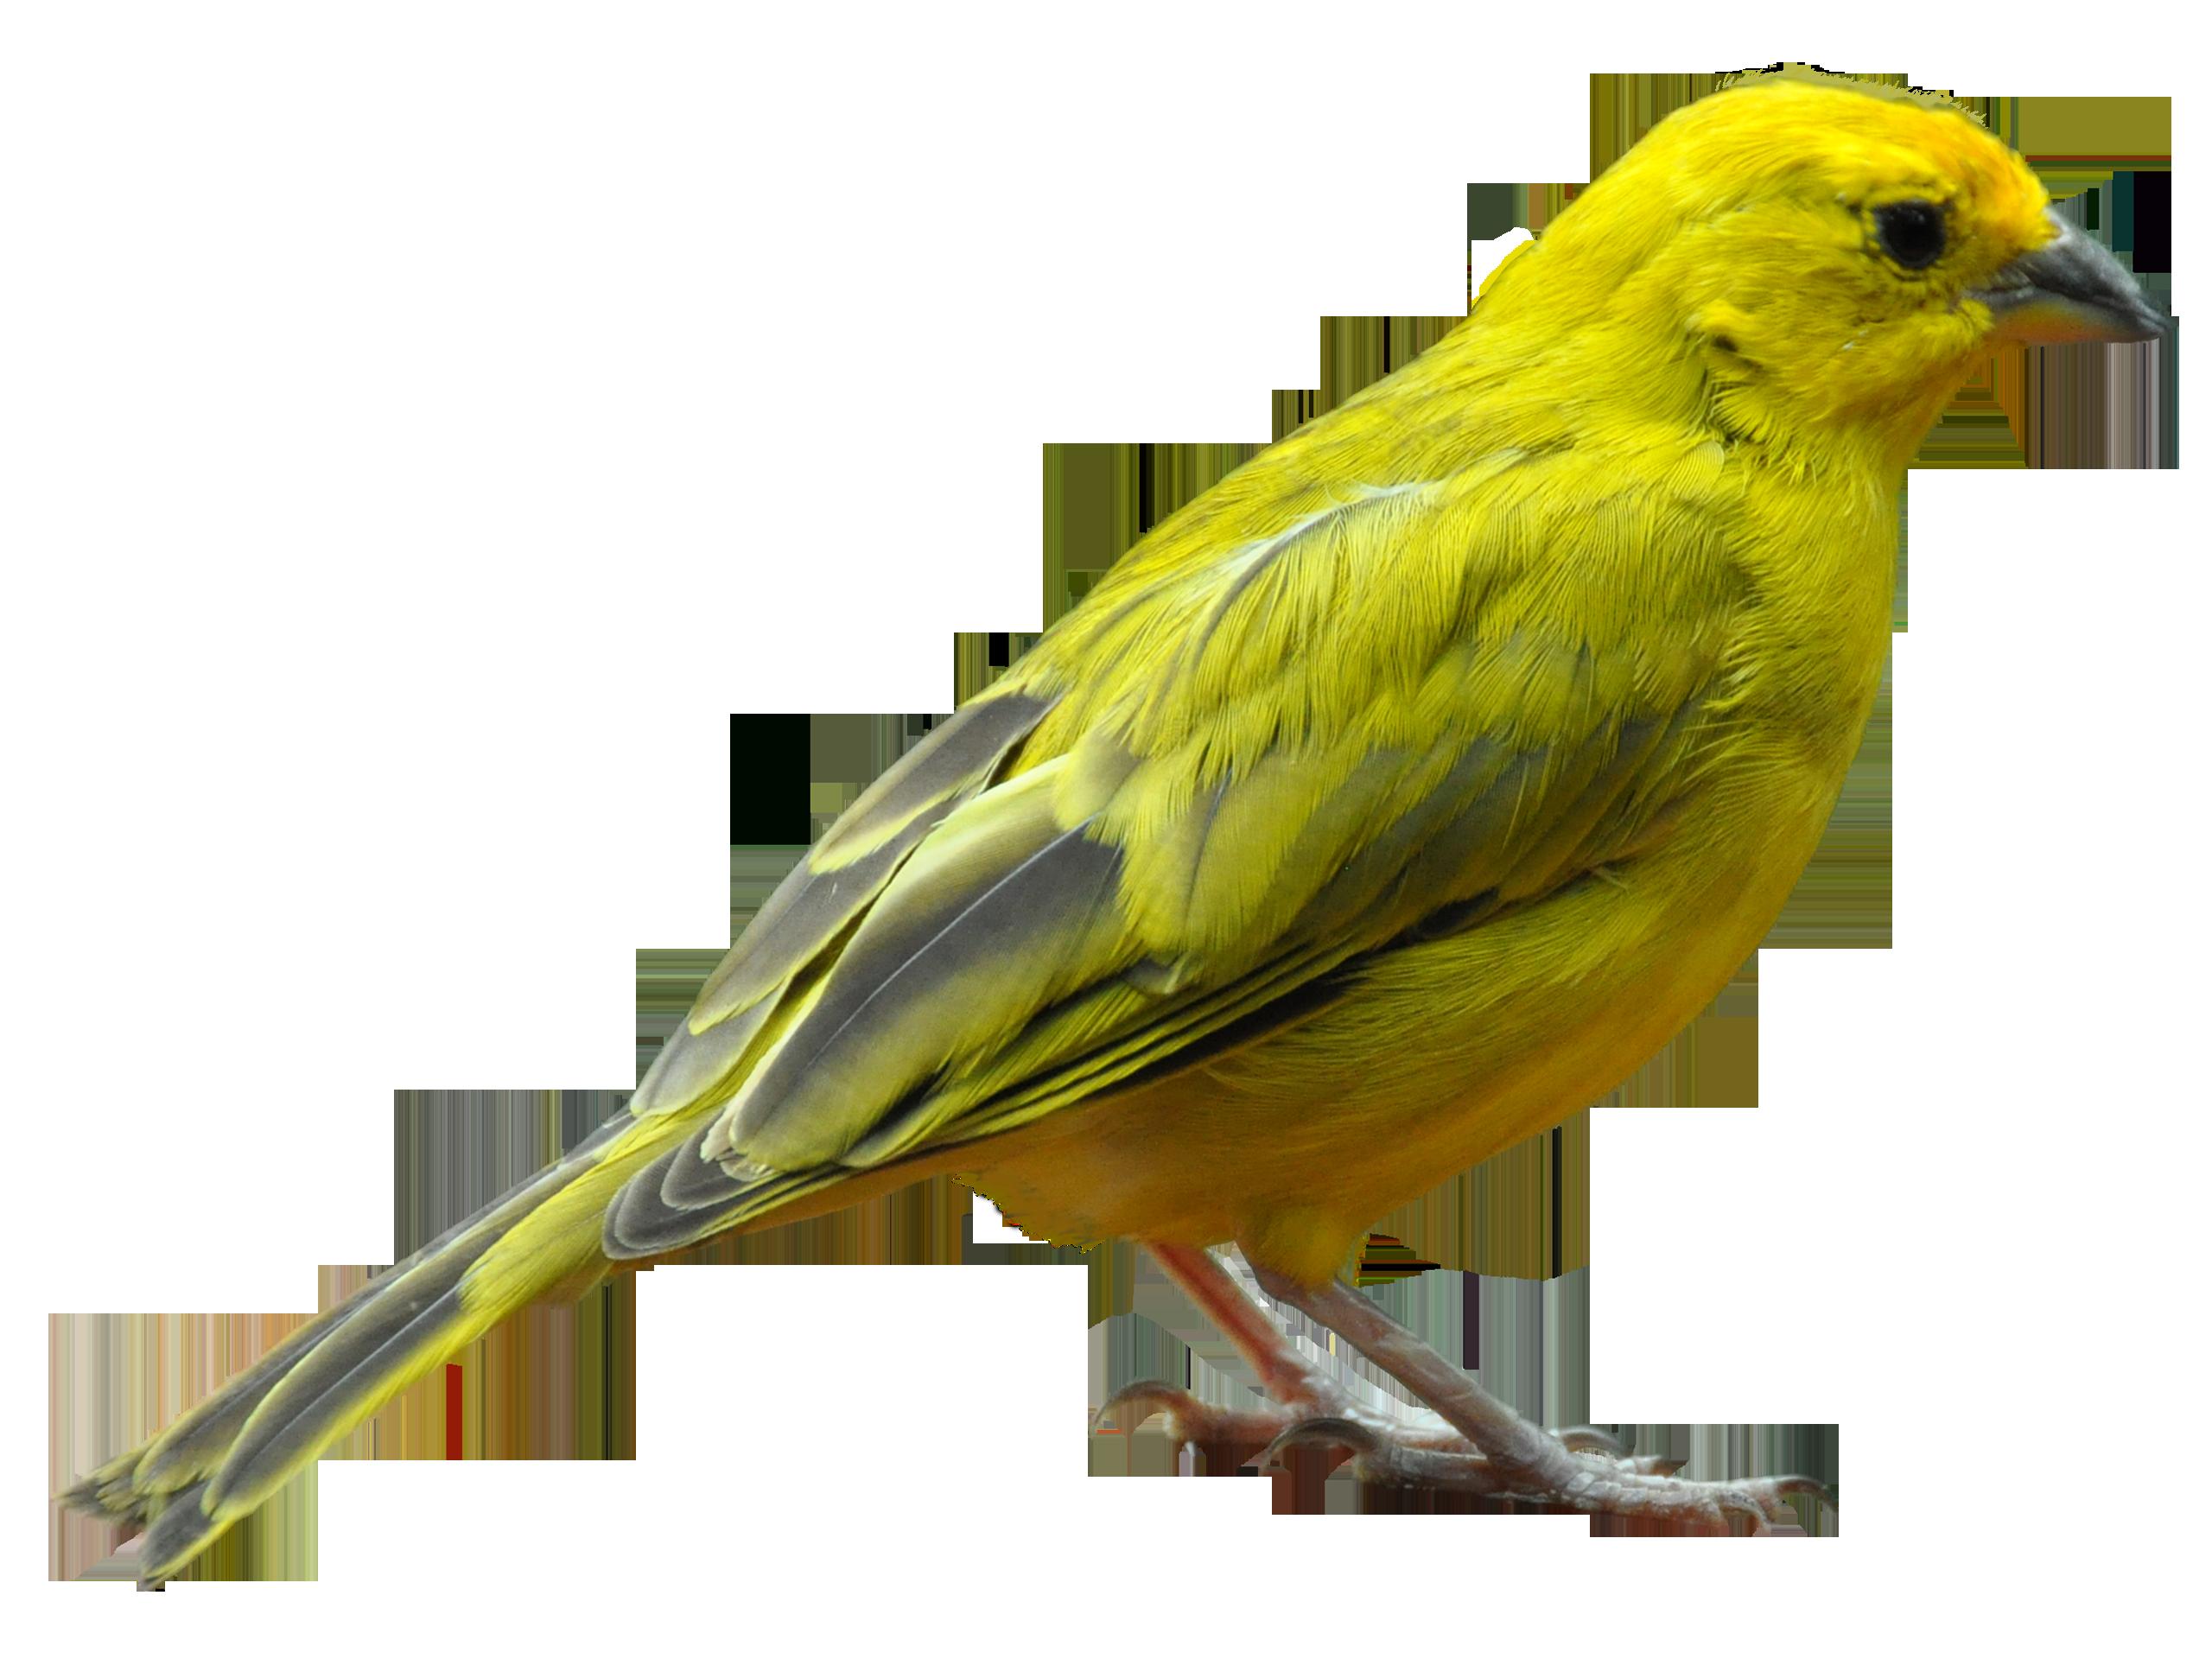 Yellow Bird Standing